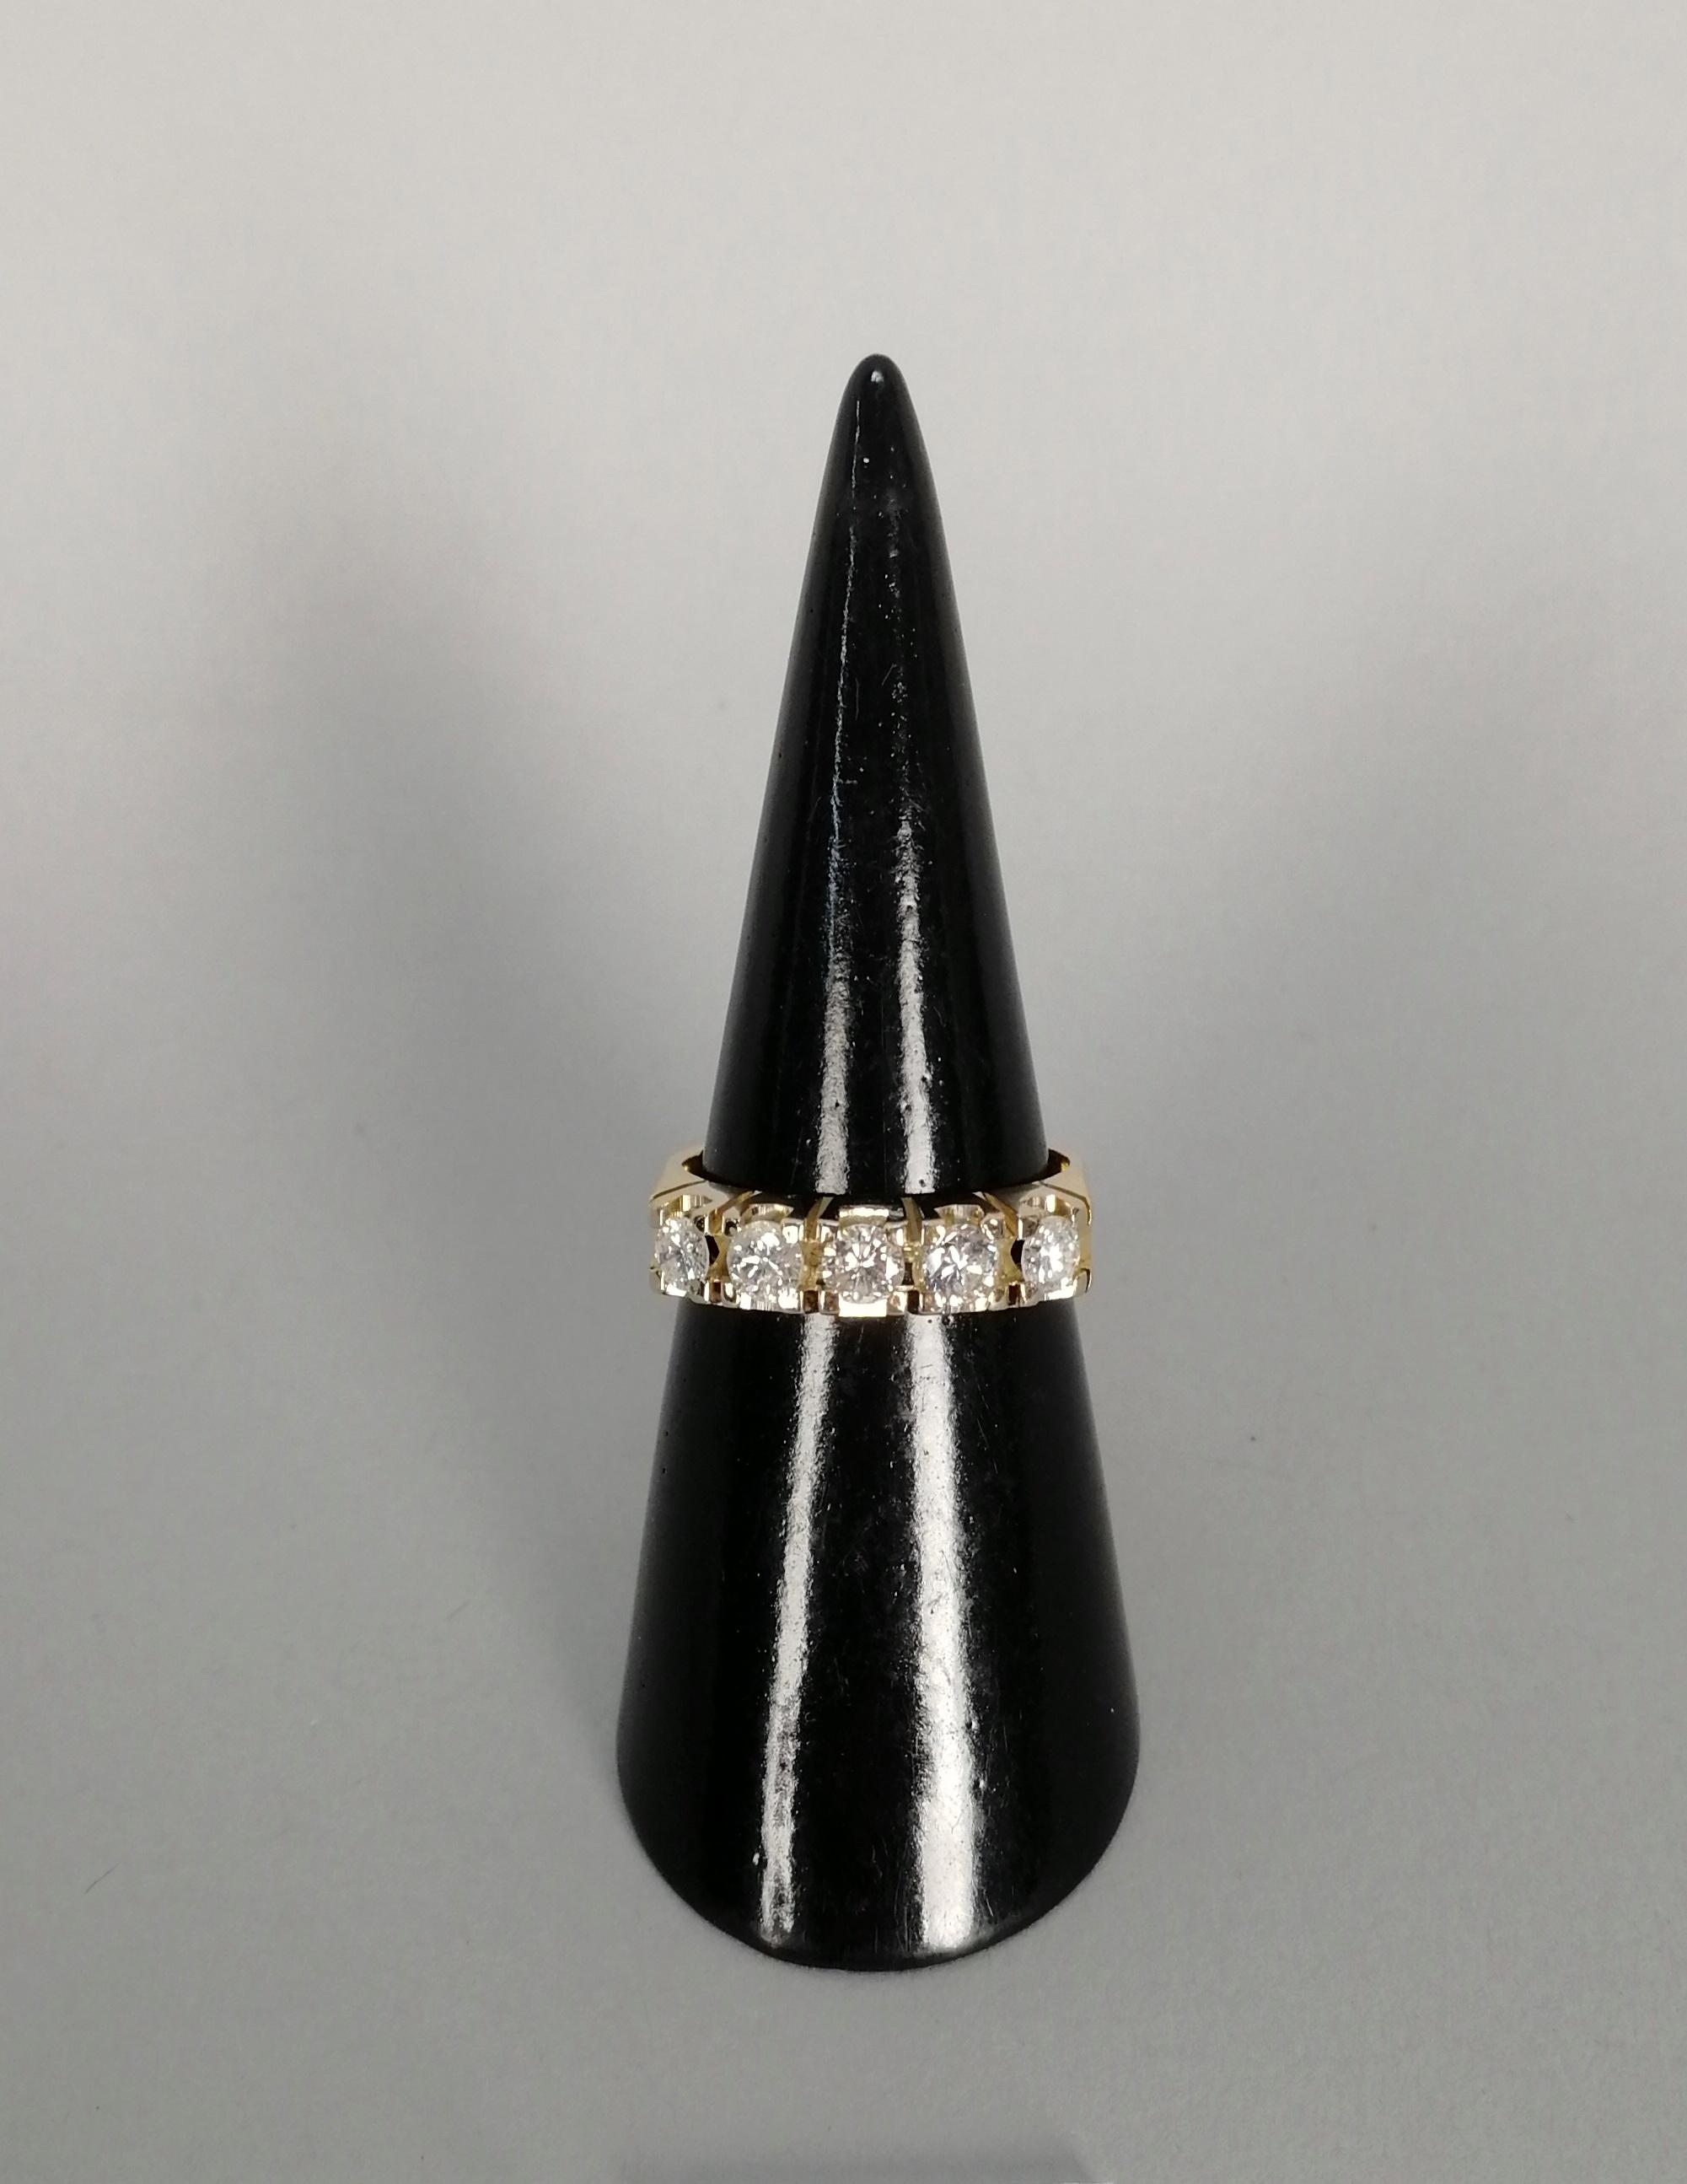 Lot 10 - Anello in oro bianco e giallo 18 kt. con cinque diamanti, gr. 7 ca. complessivi. Misura 15